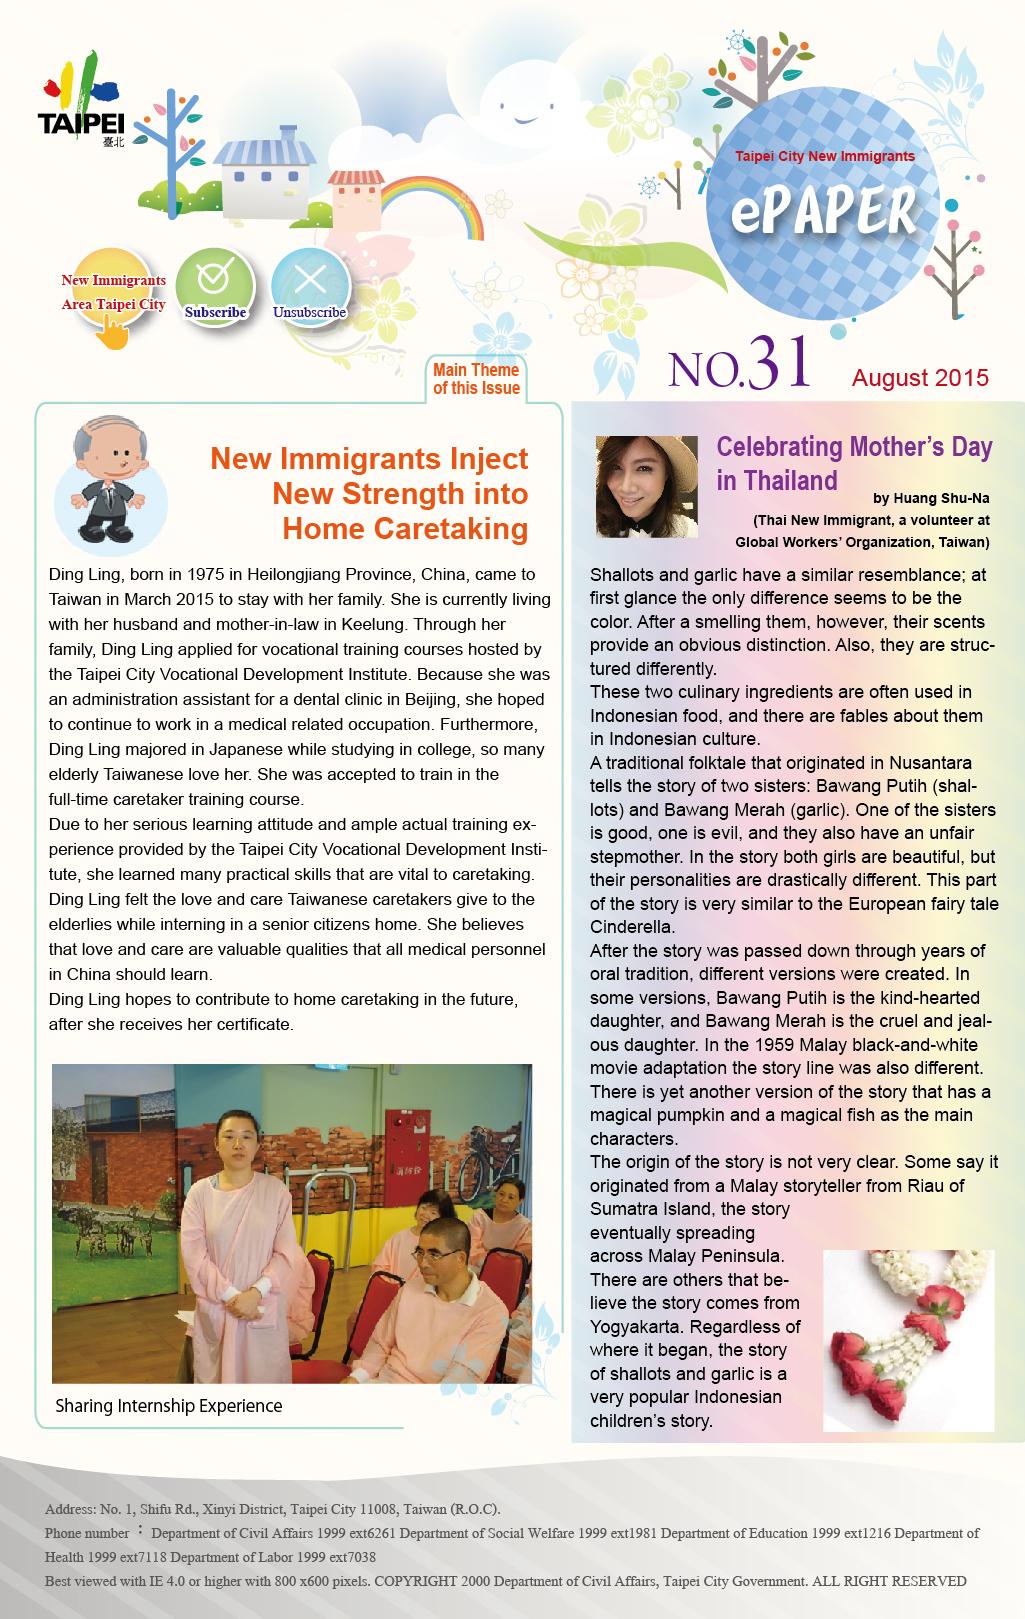 臺北市新移民電子報-02月份期刊